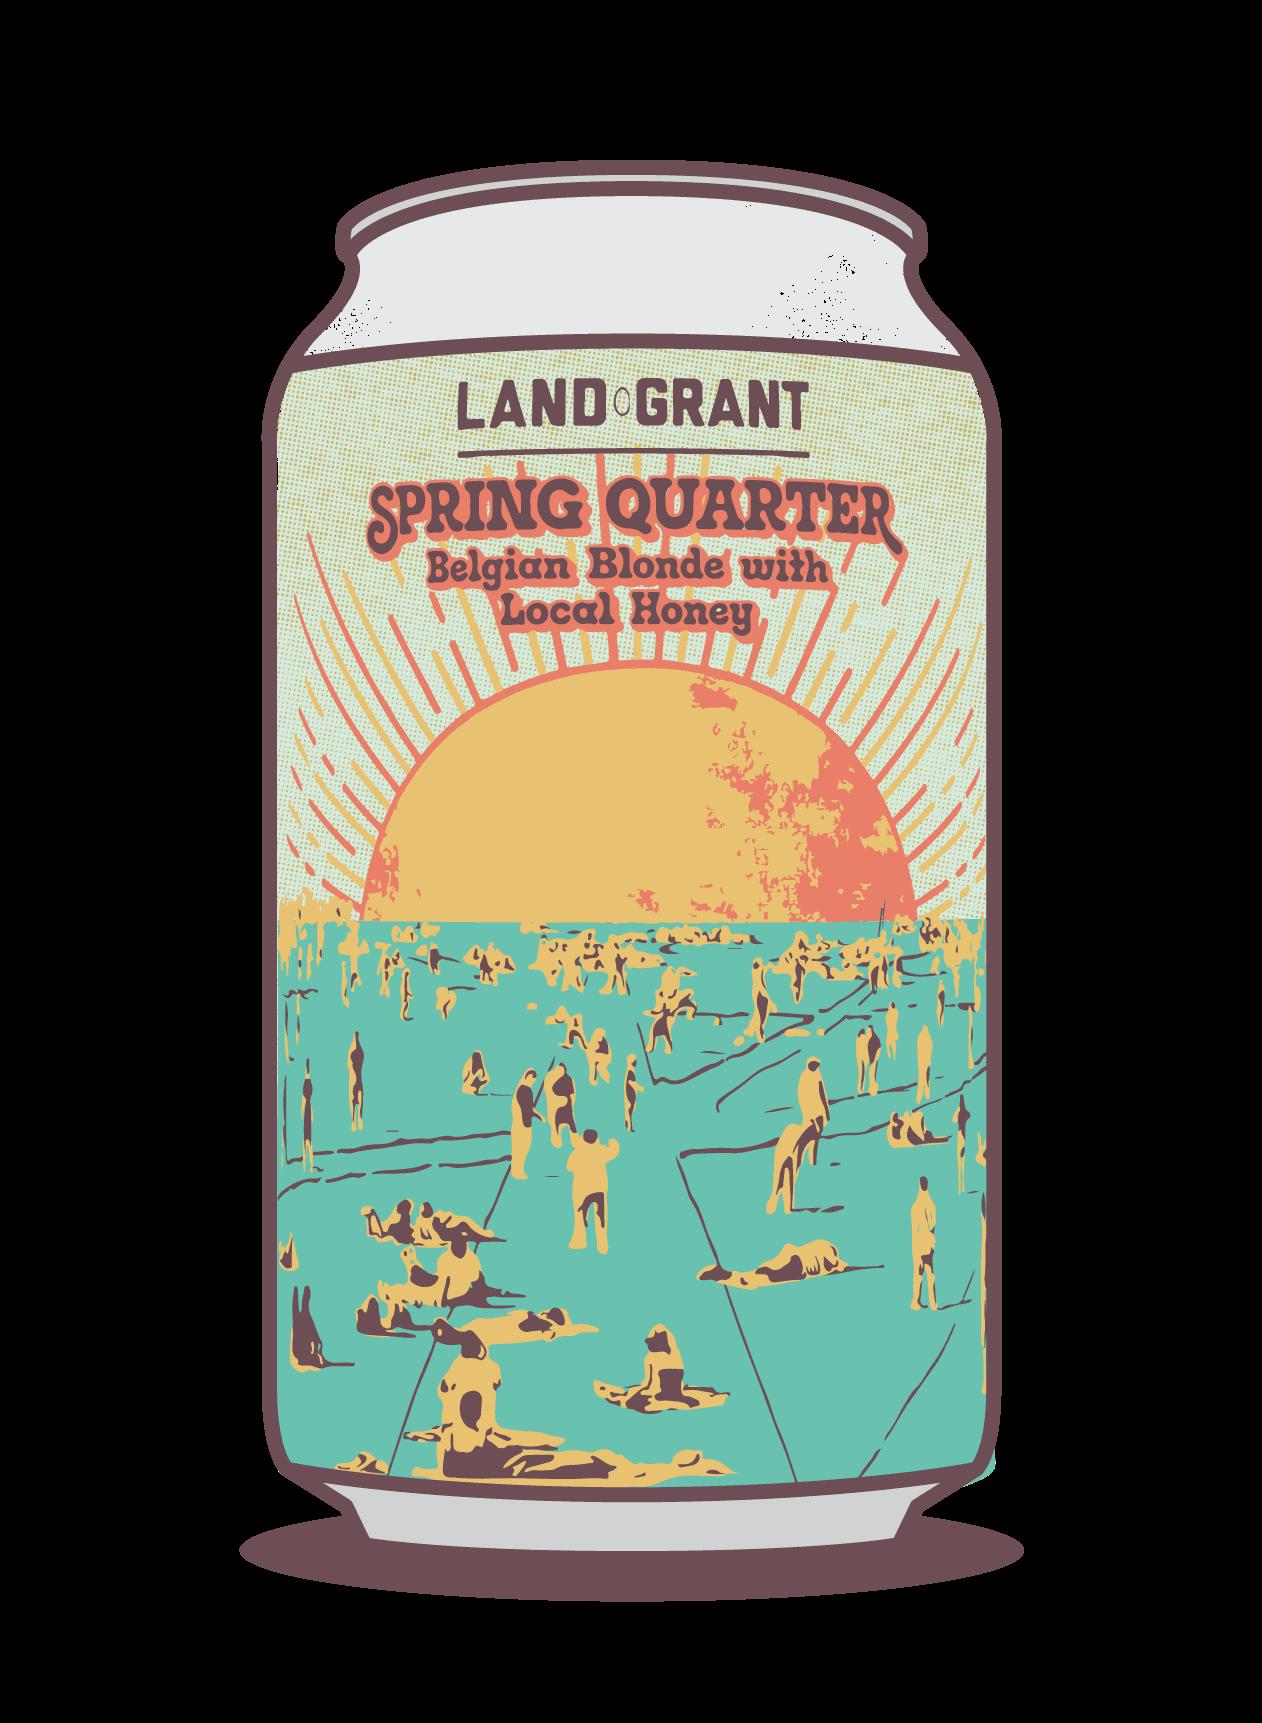 Spring Quarter Image